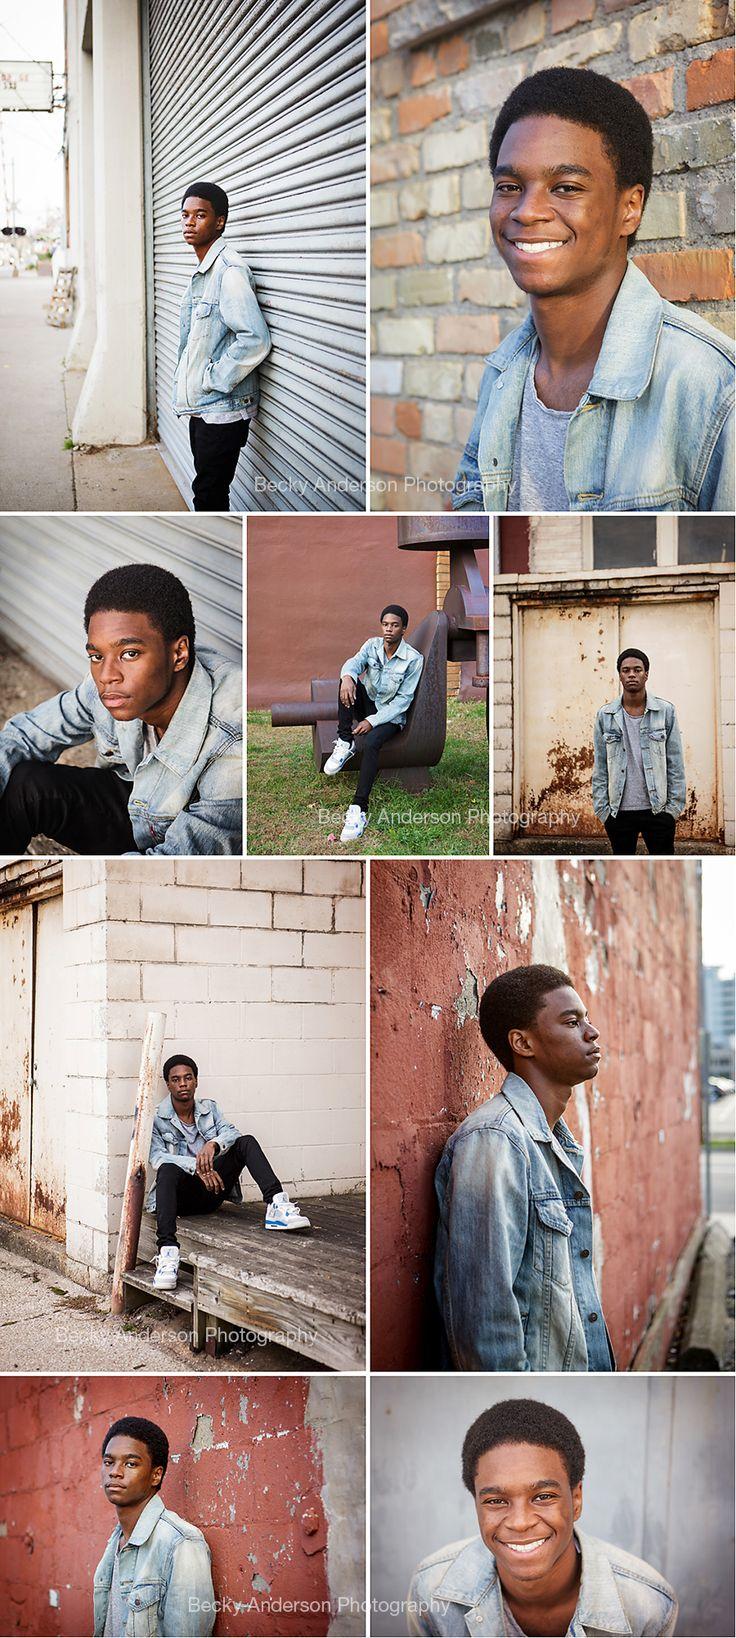 318 Best Senior Guy Poses Images On Pinterest Senior Boys Senior Guys And Senior Pictures